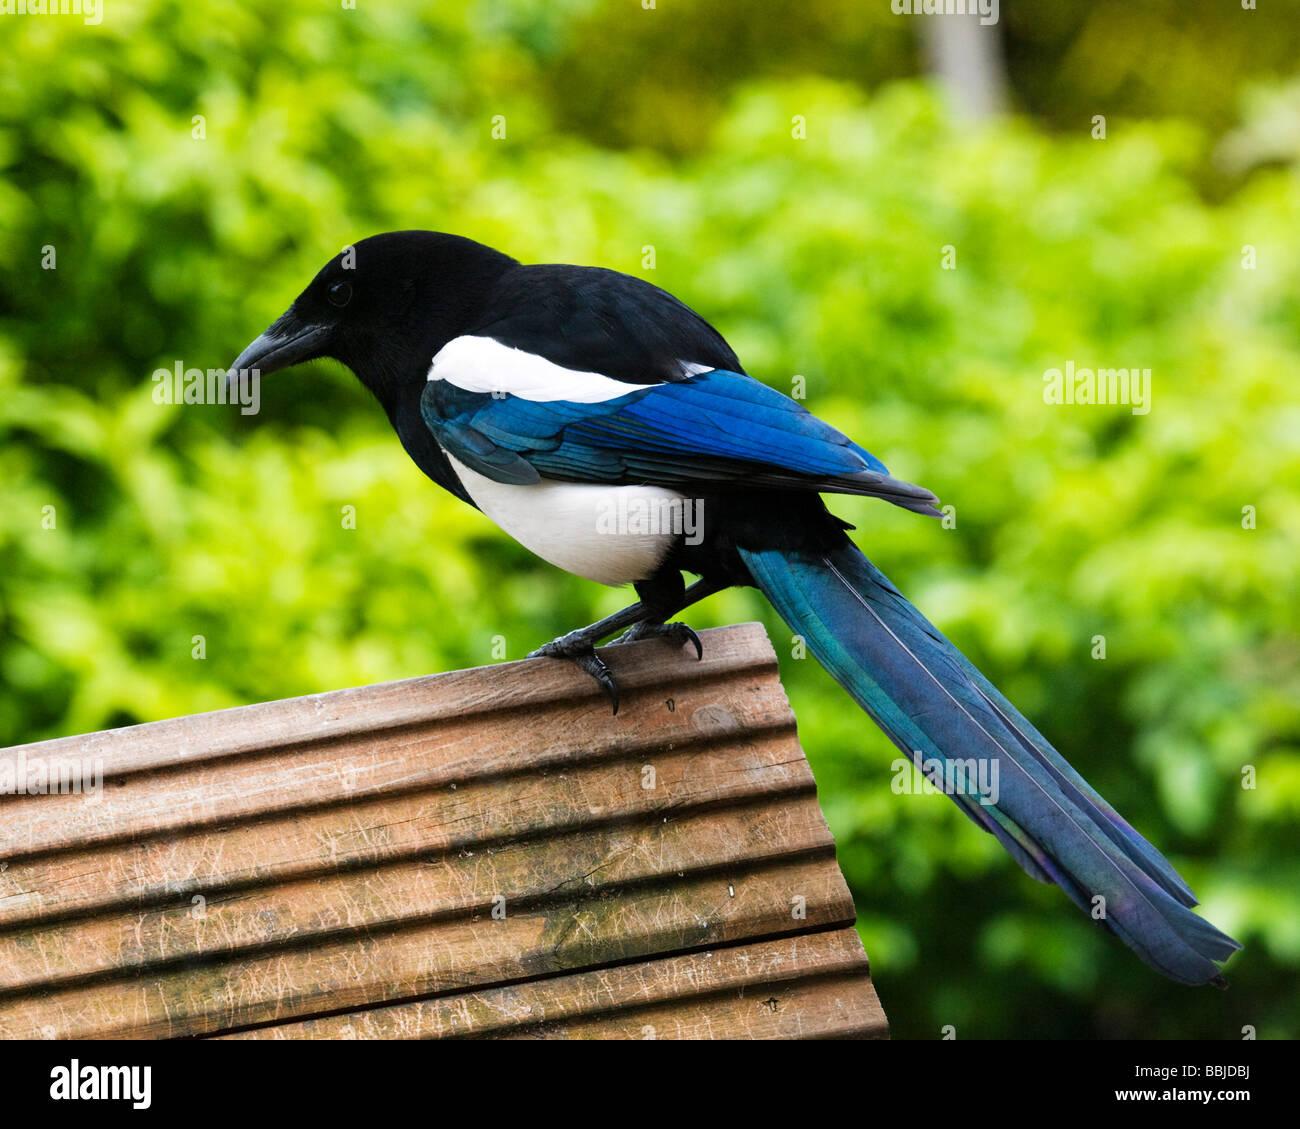 Europäische Elster, Pica Pica, hoch oben auf einem Vogelhaus. Stockbild